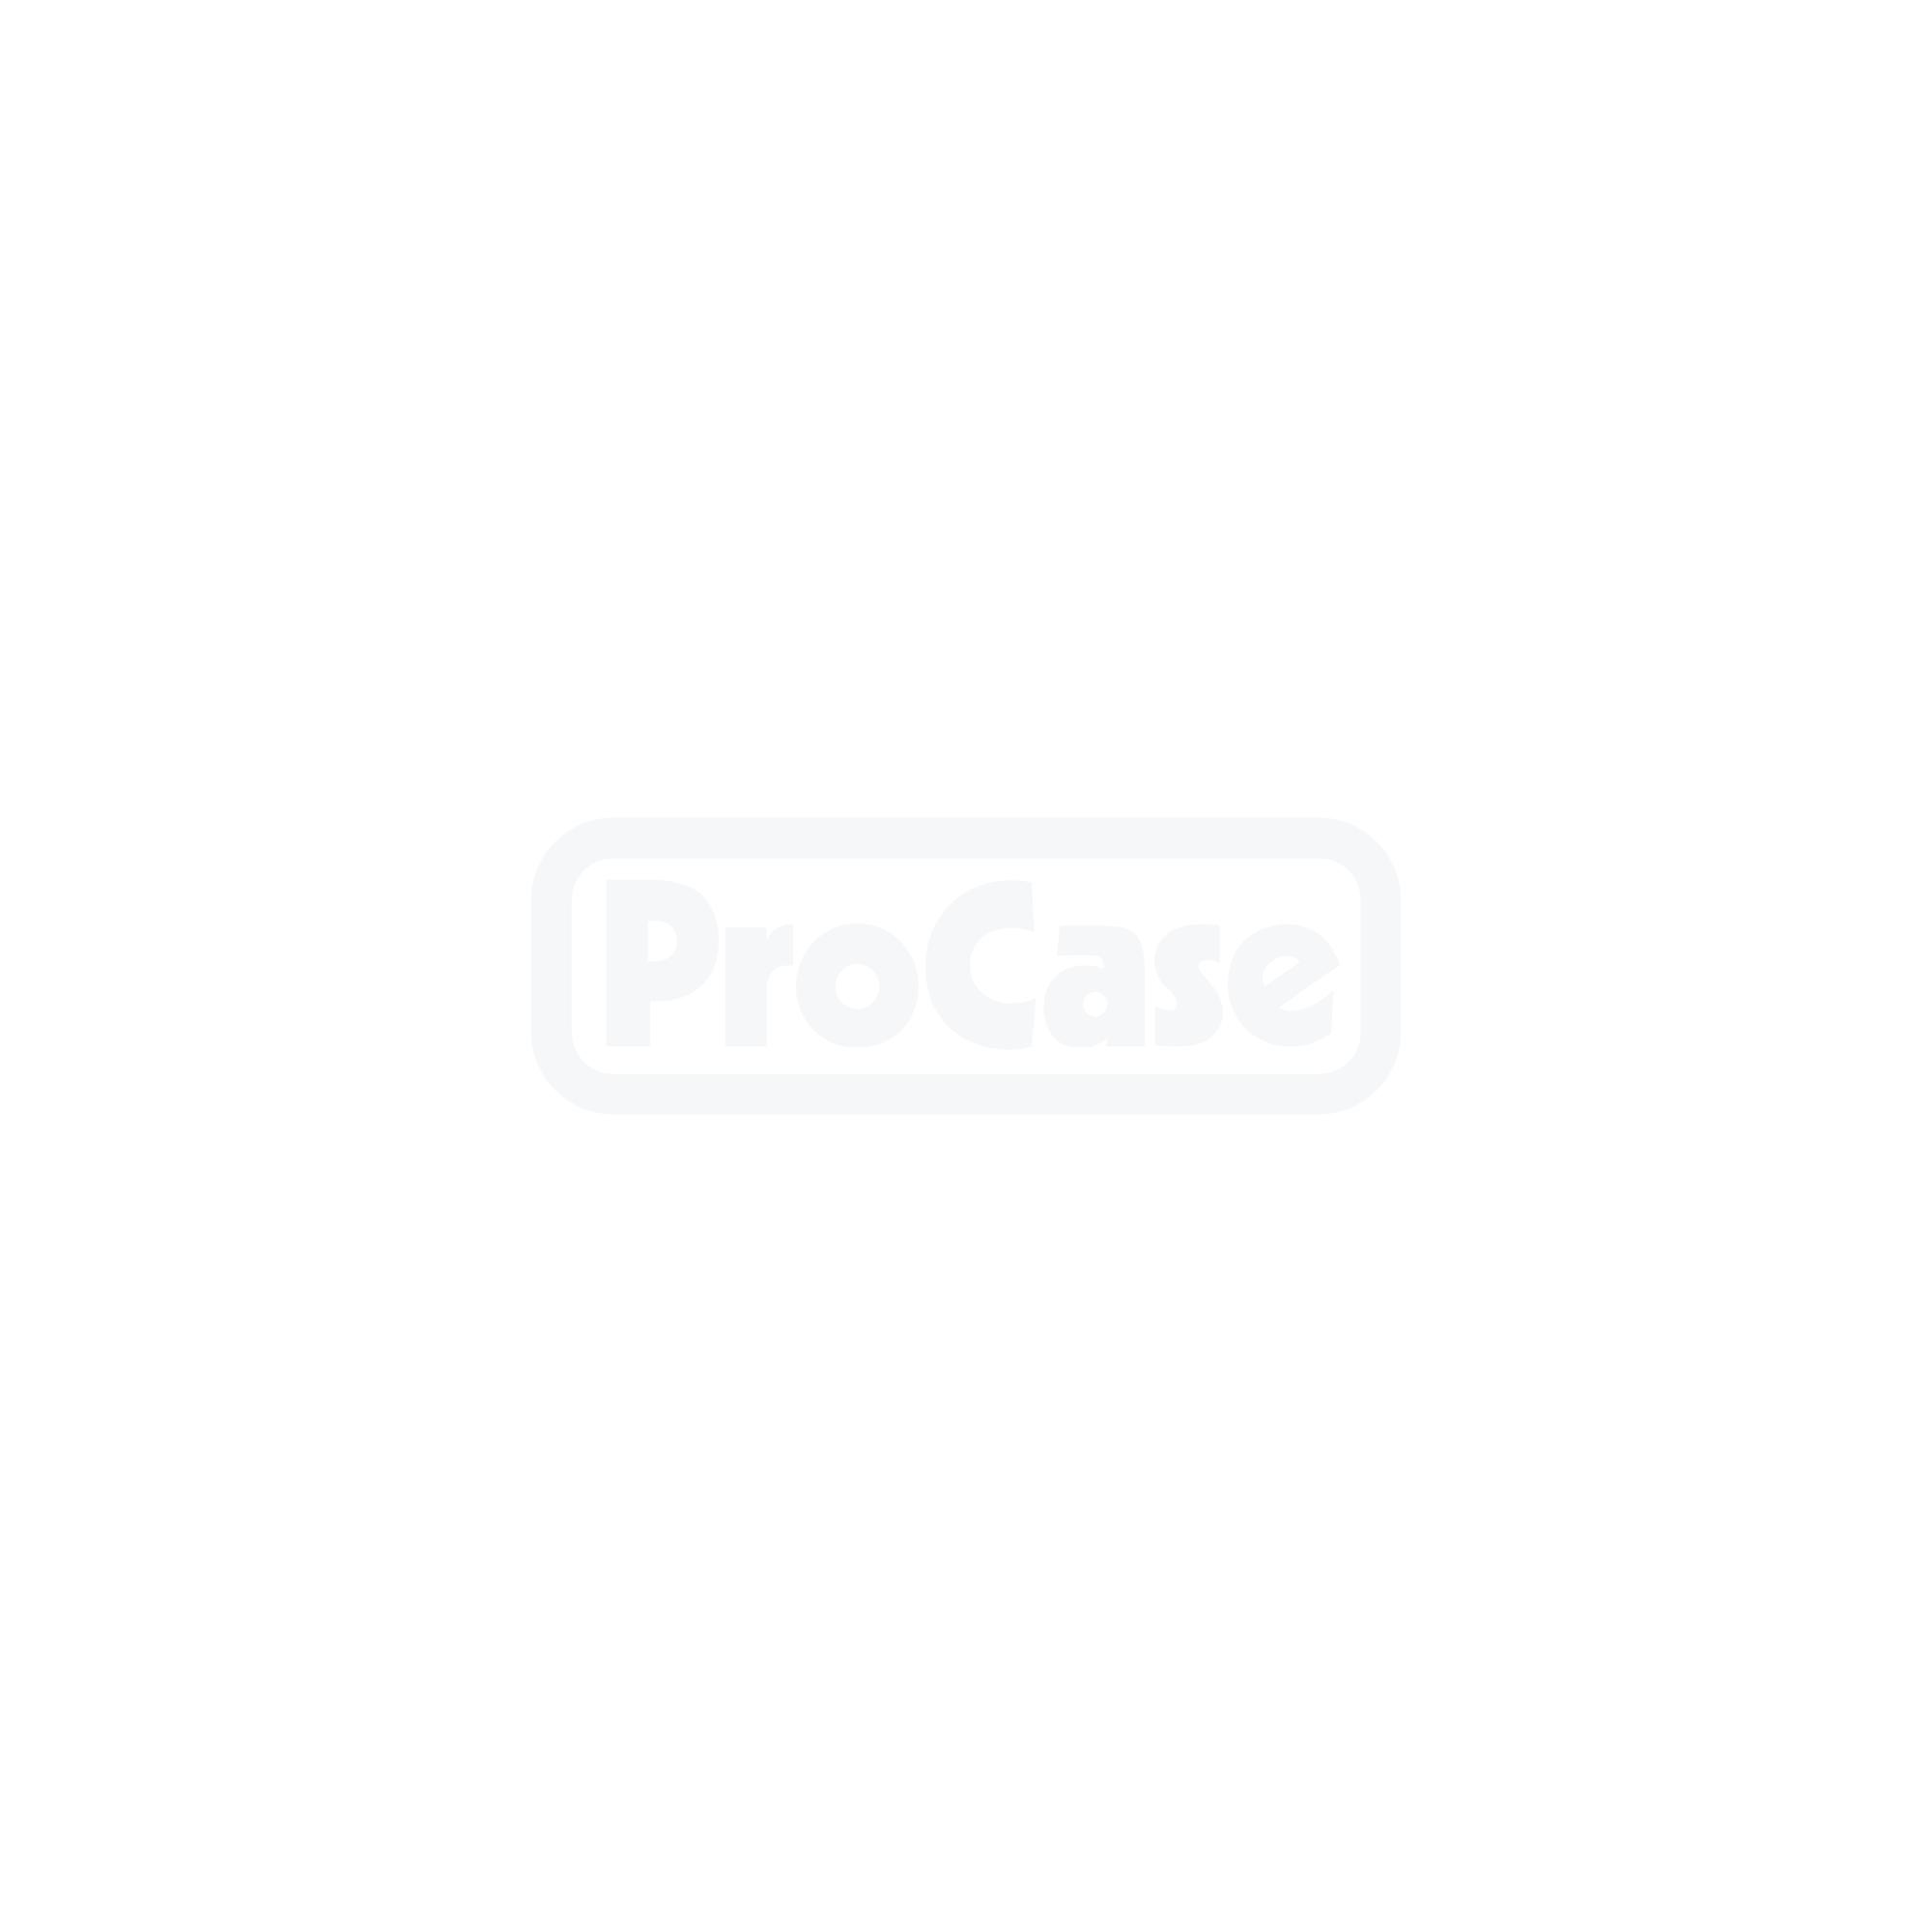 Flightcase für 4 Chauvet Ovation E-910FC IP 15°-30°